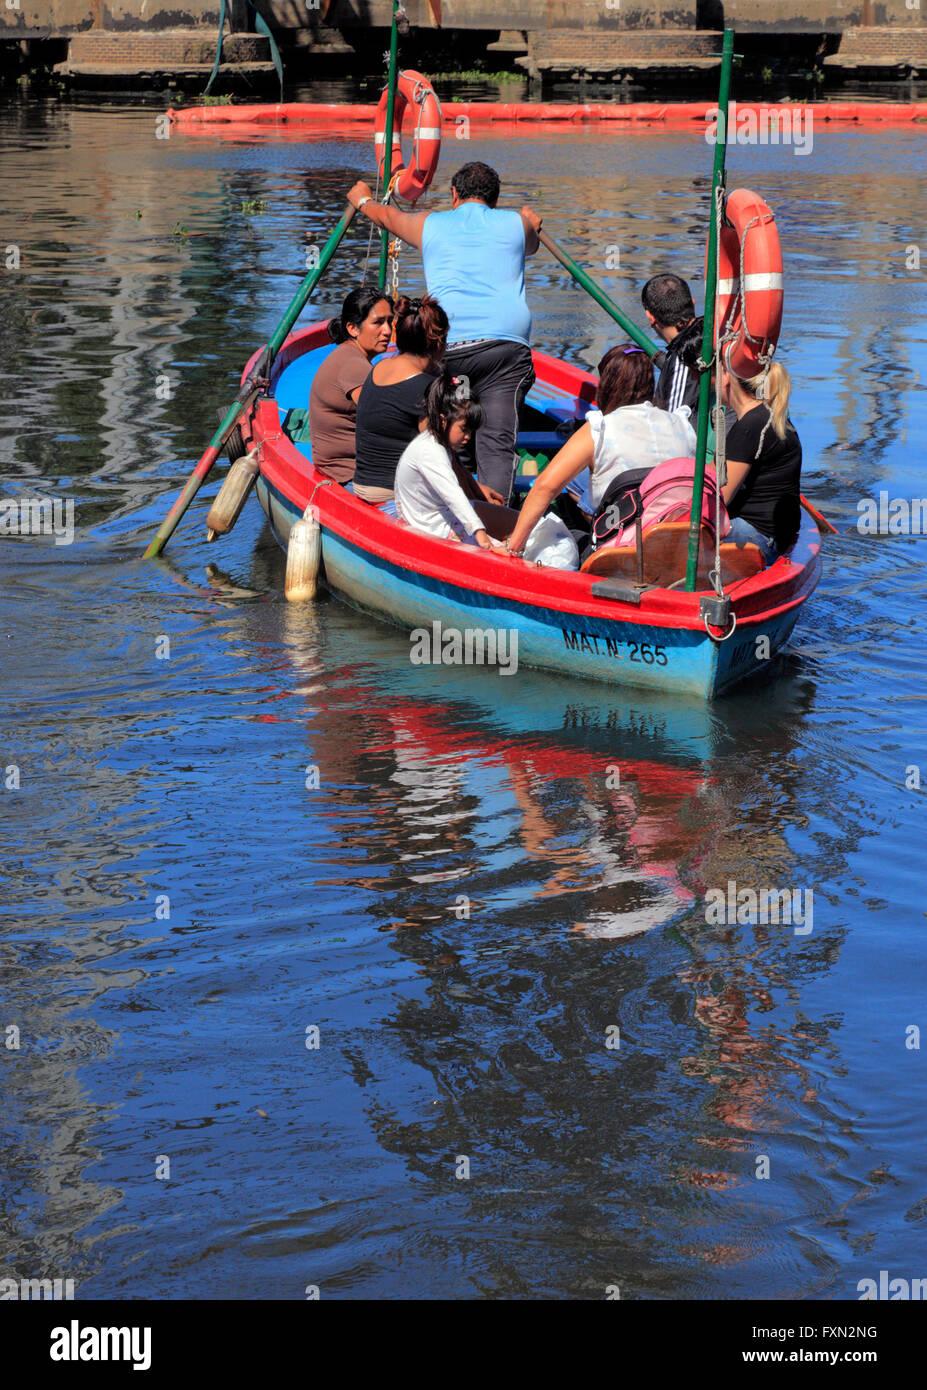 row boat with scholars under Nicolas Avellaneda bridge, at 'La vuelta de Rocha'. La Boca, Buenos Aires, - Stock Image